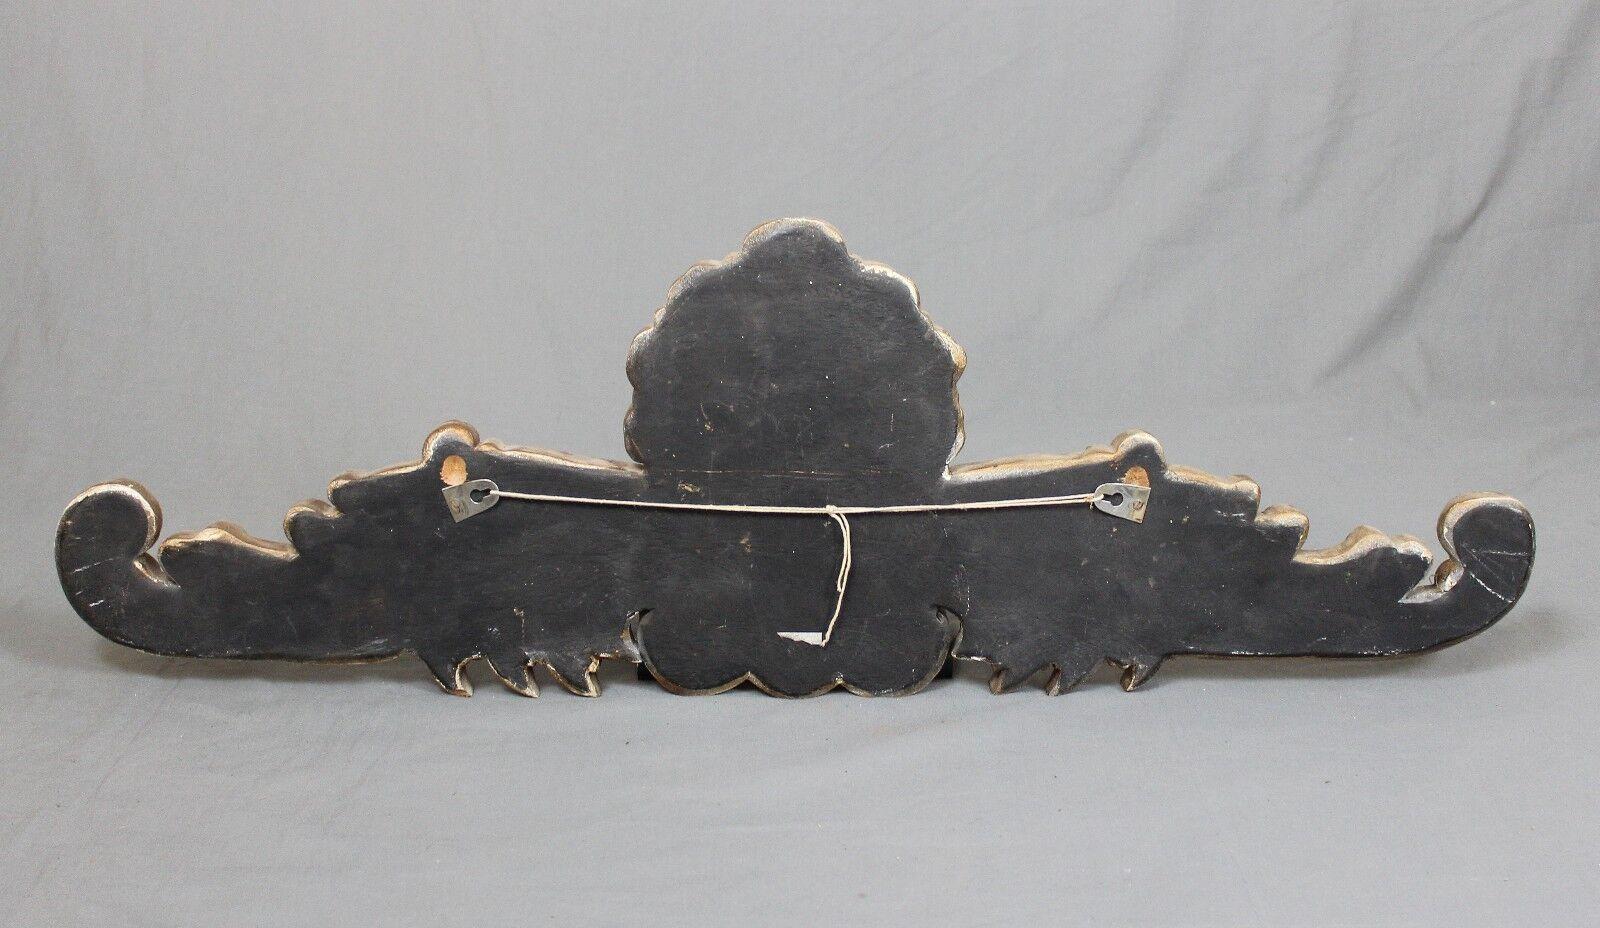 Vintage décoratif sculpté sculpté sculpté Gilt Wood Wall Hanging | Impeccable  | Structurels élégantes  | Pas Cher  67267f